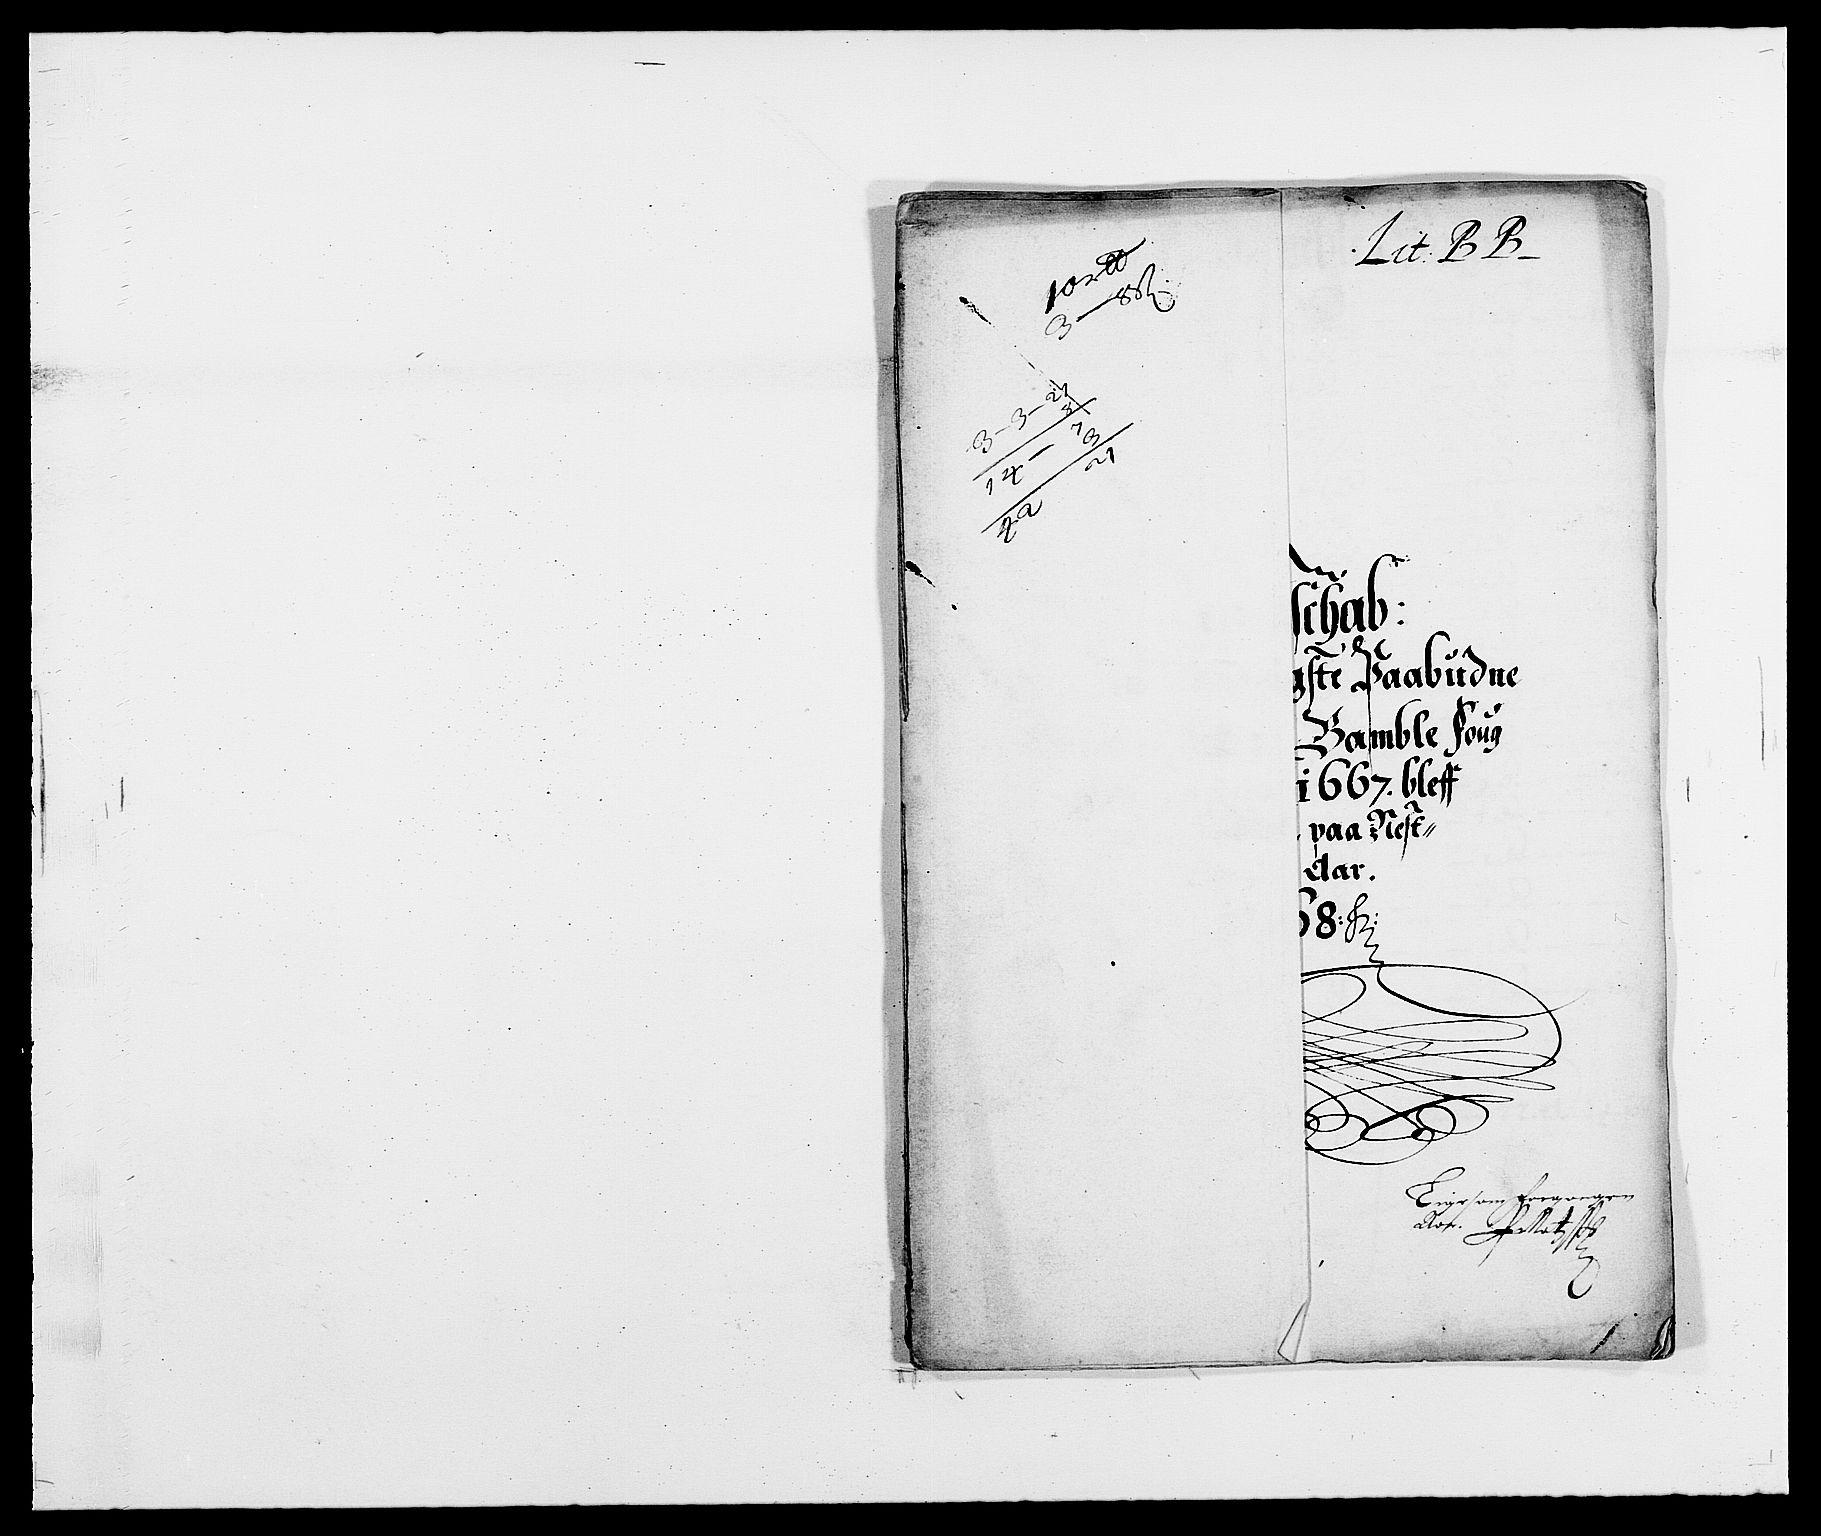 RA, Rentekammeret inntil 1814, Reviderte regnskaper, Fogderegnskap, R34/L2039: Fogderegnskap Bamble, 1662-1669, s. 236